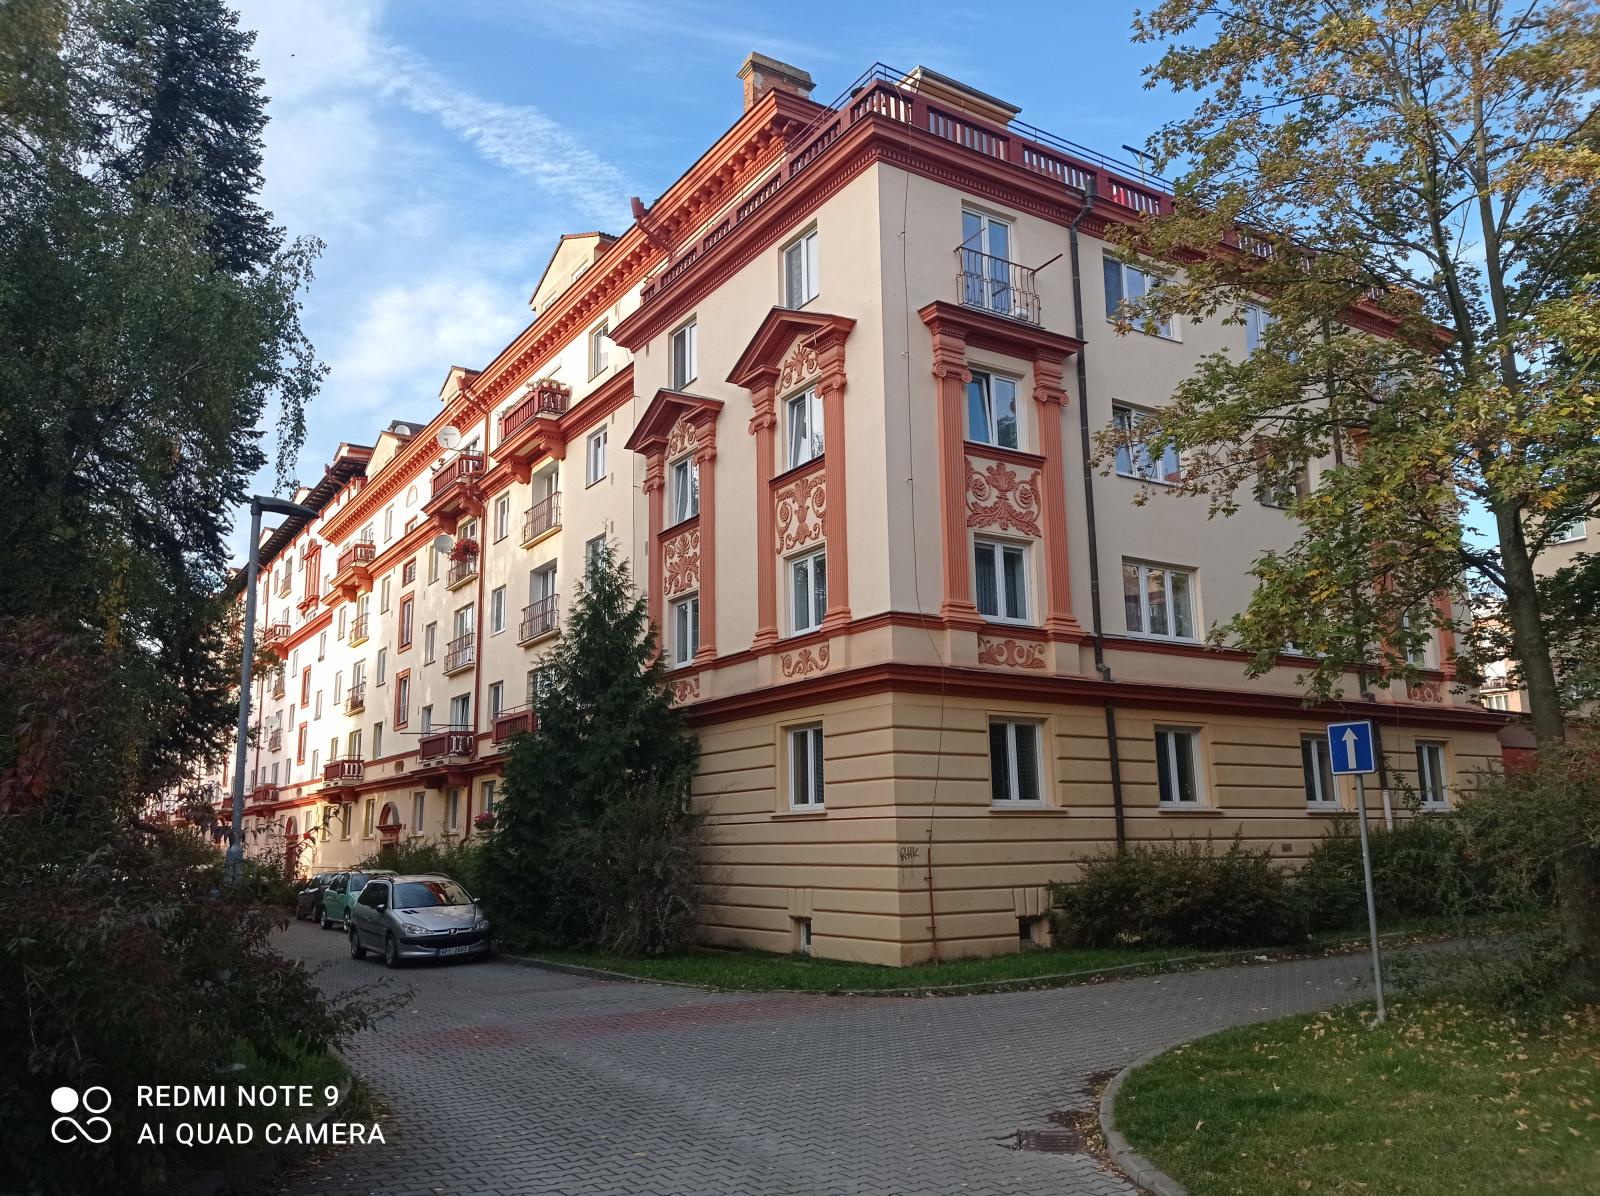 Prodej, byt 3+1, ul. Francouzská třída, Plzeň - město